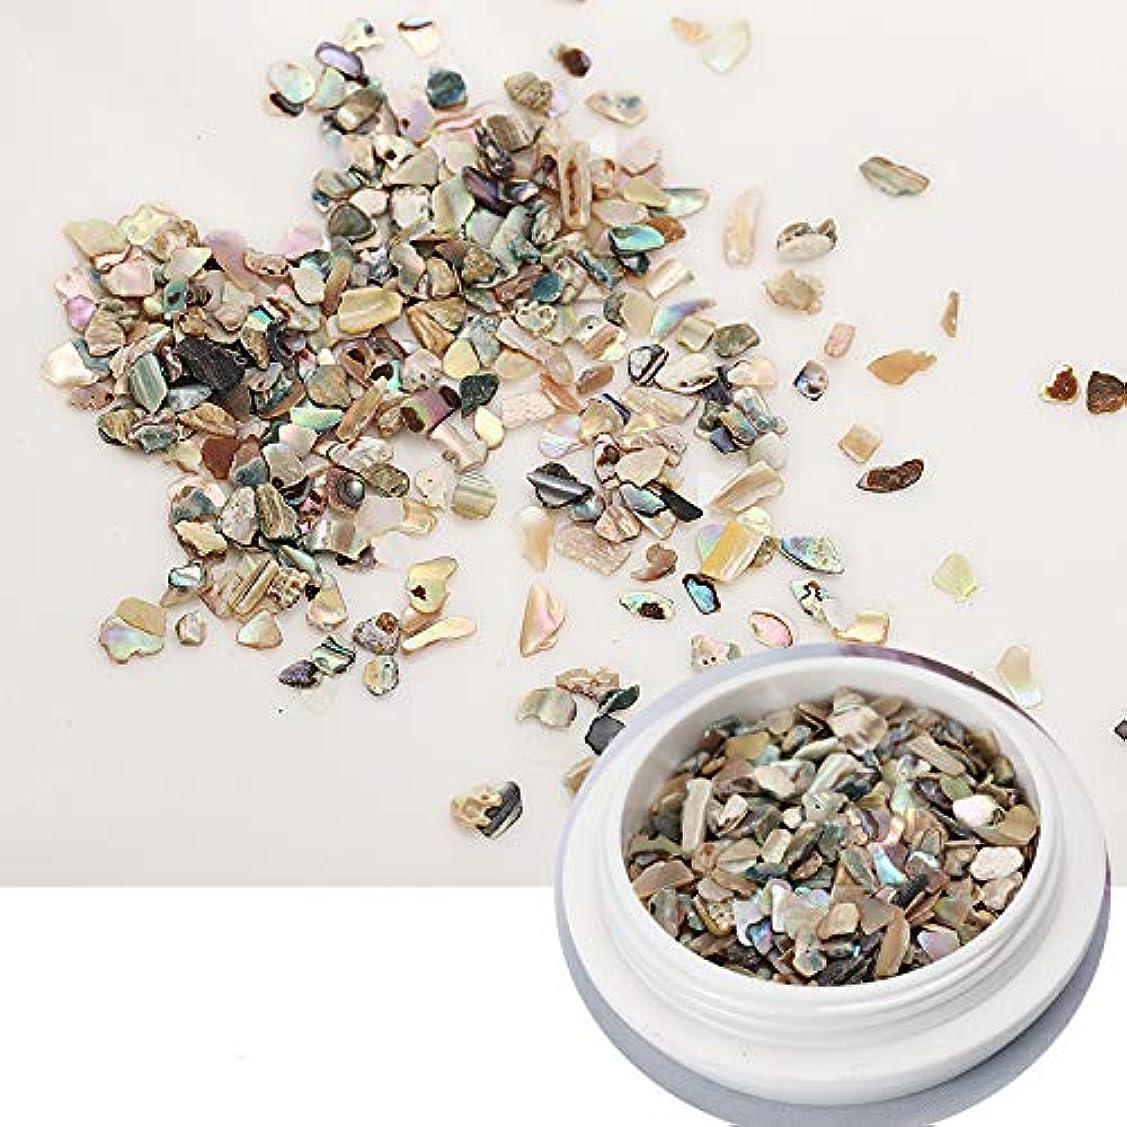 風が強い目覚めるカルシウムネイル石パーツ ネイル貝殻風 シェル 貝 レジン ジェルネイル ネイルアート ネイルパーツ (2)